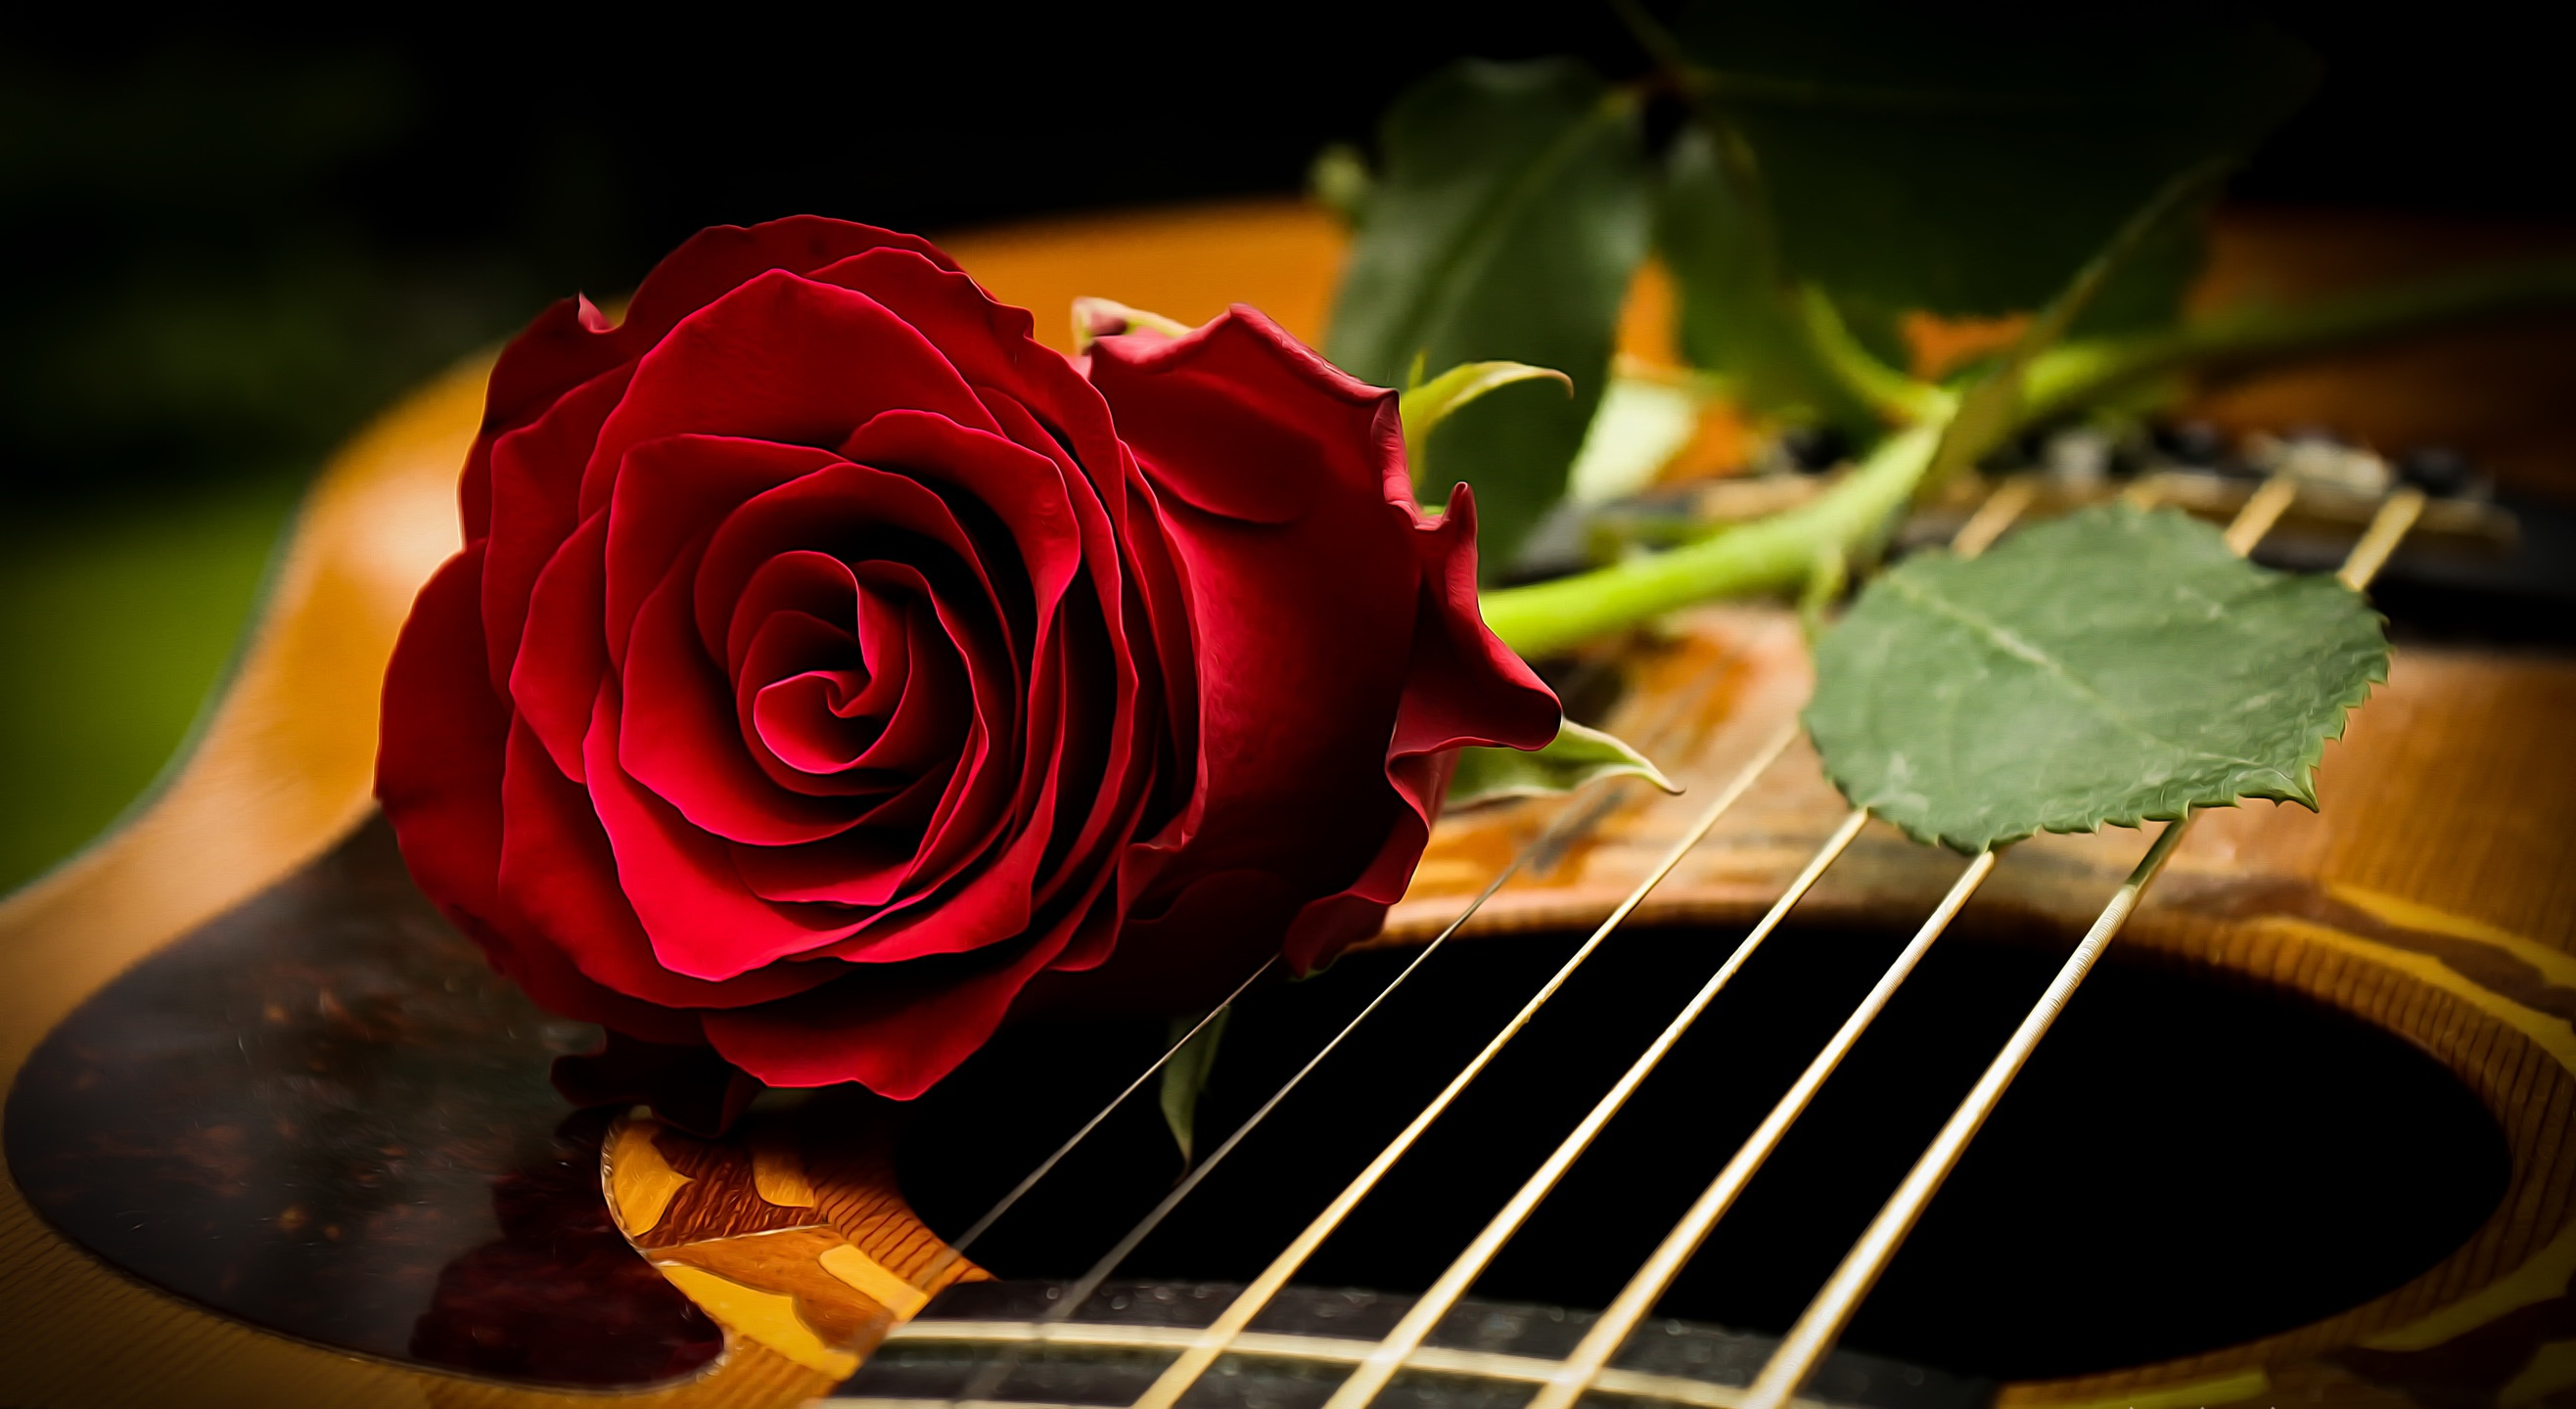 Красивая открытка с музыкой, красивые открытки